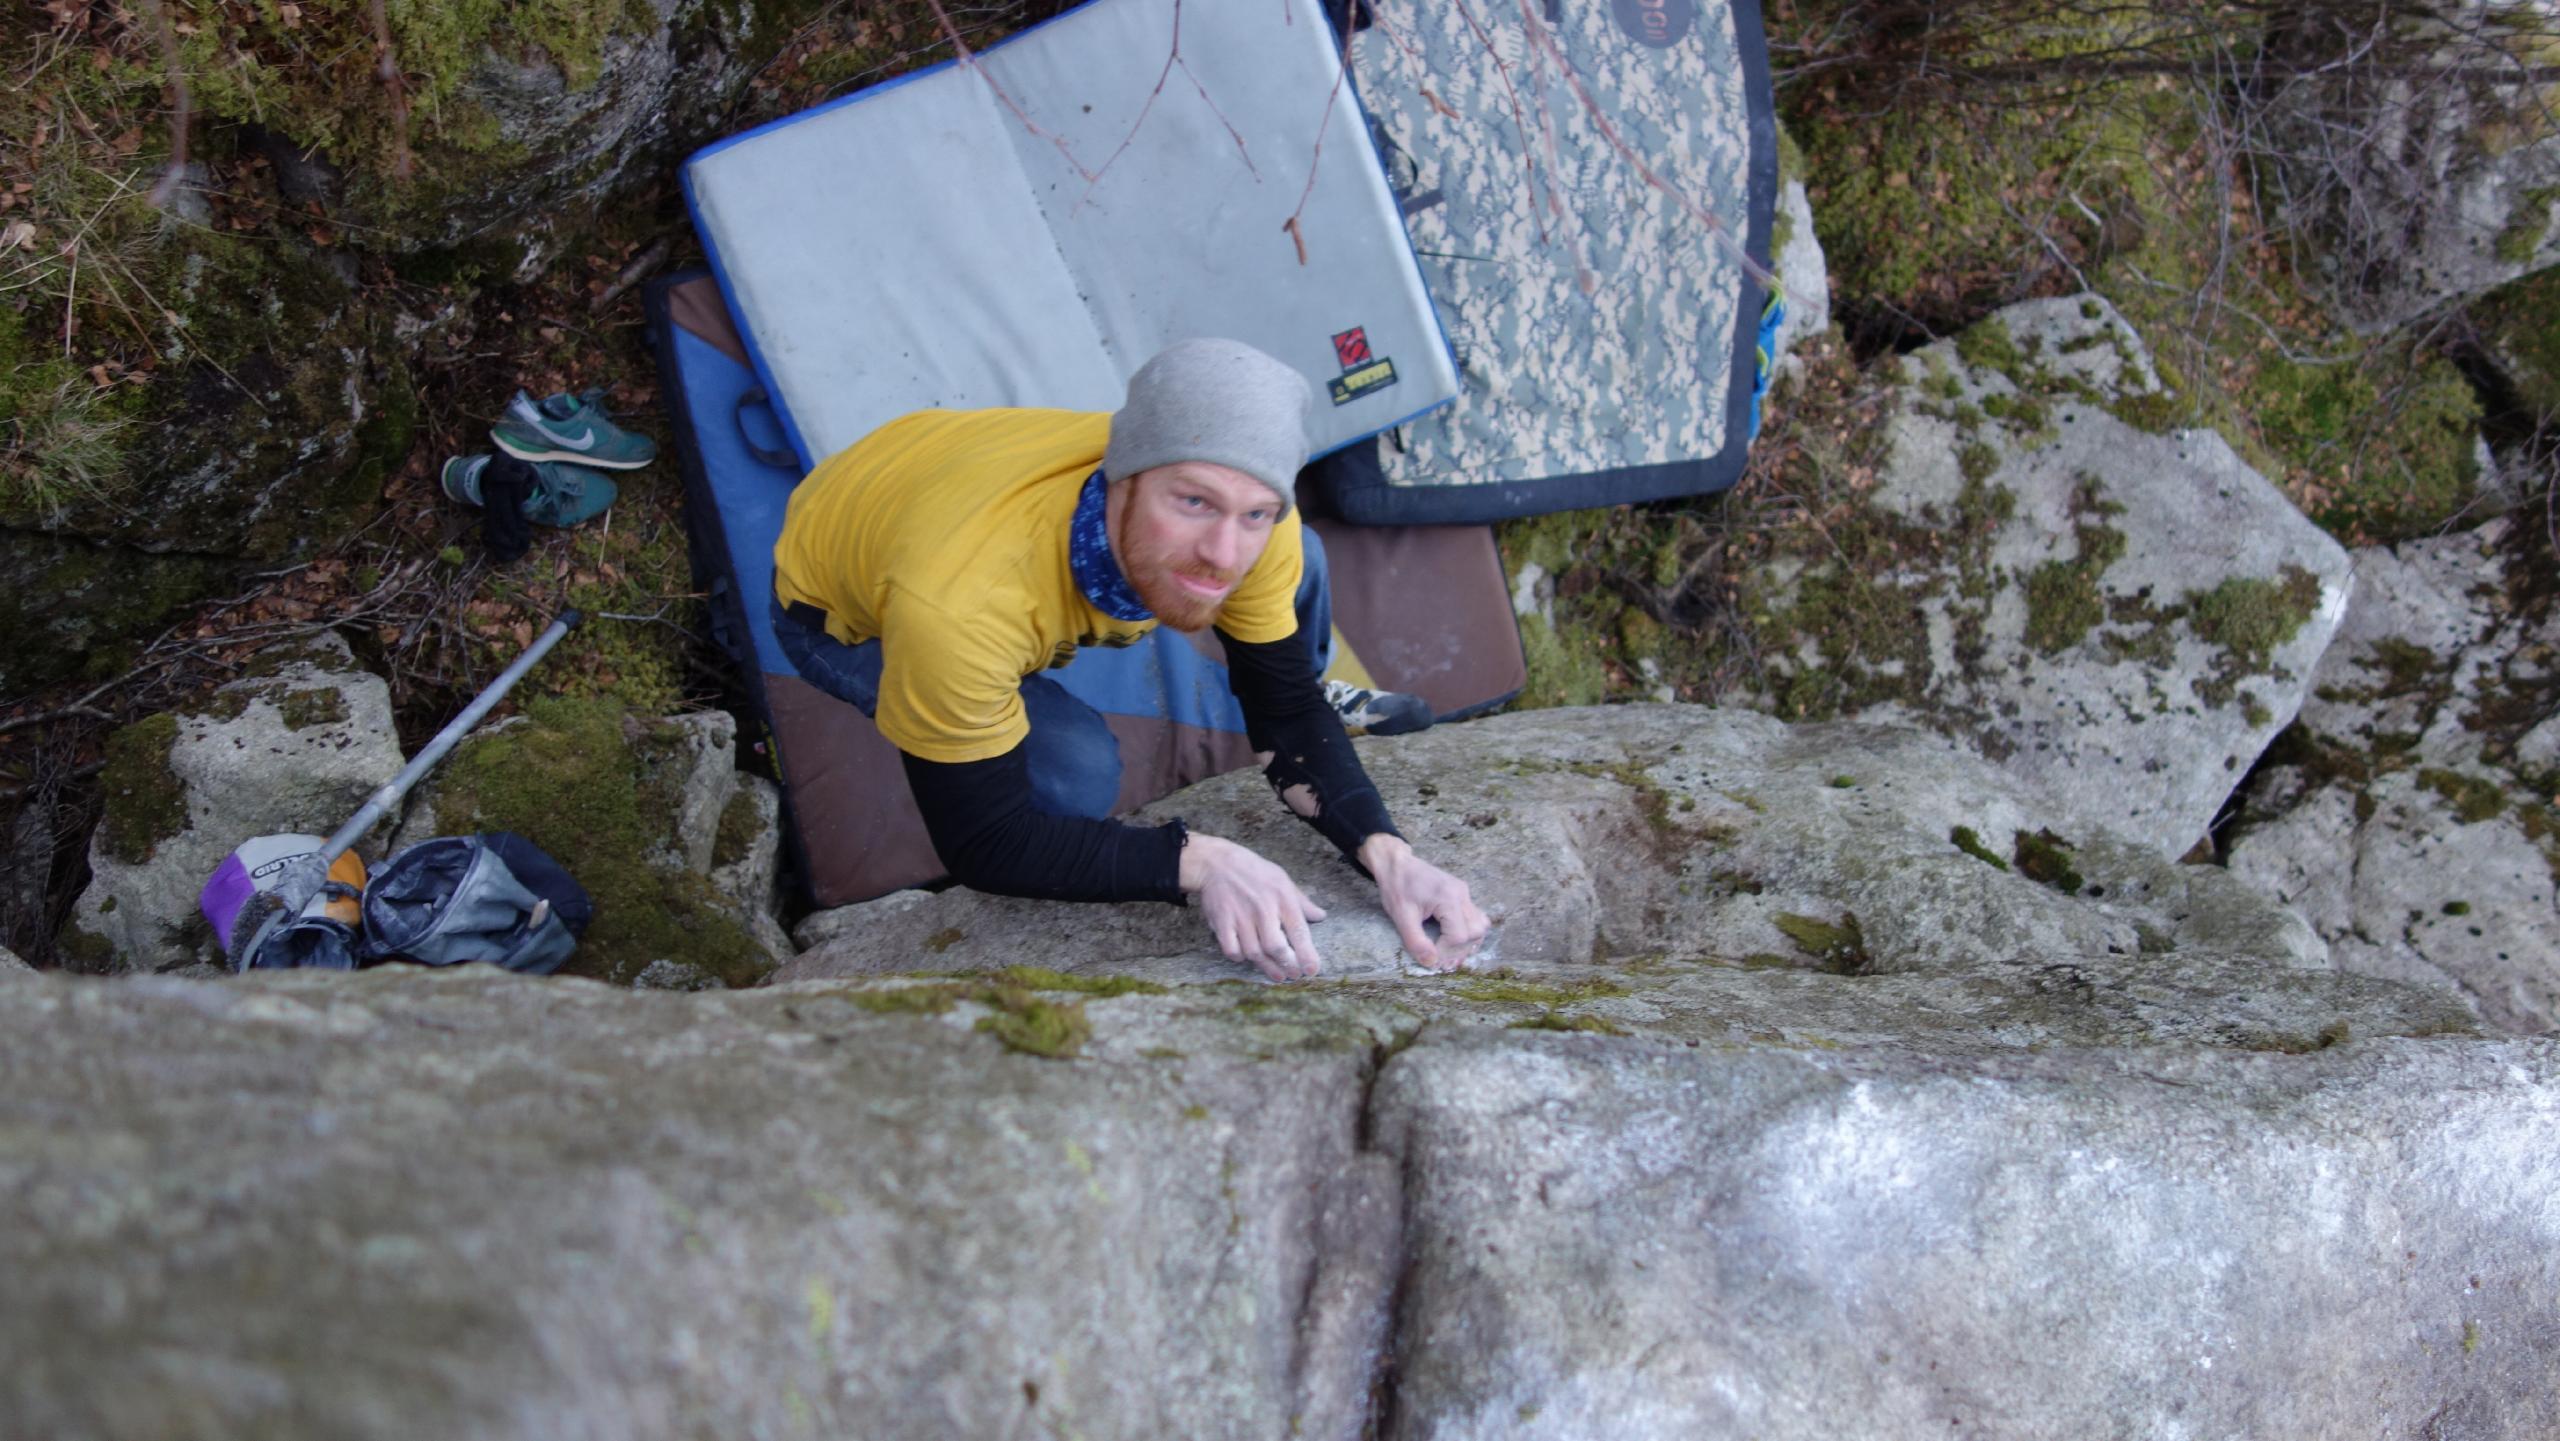 photographer: Jostein Øygarden, in photo: Eivind Helgøy